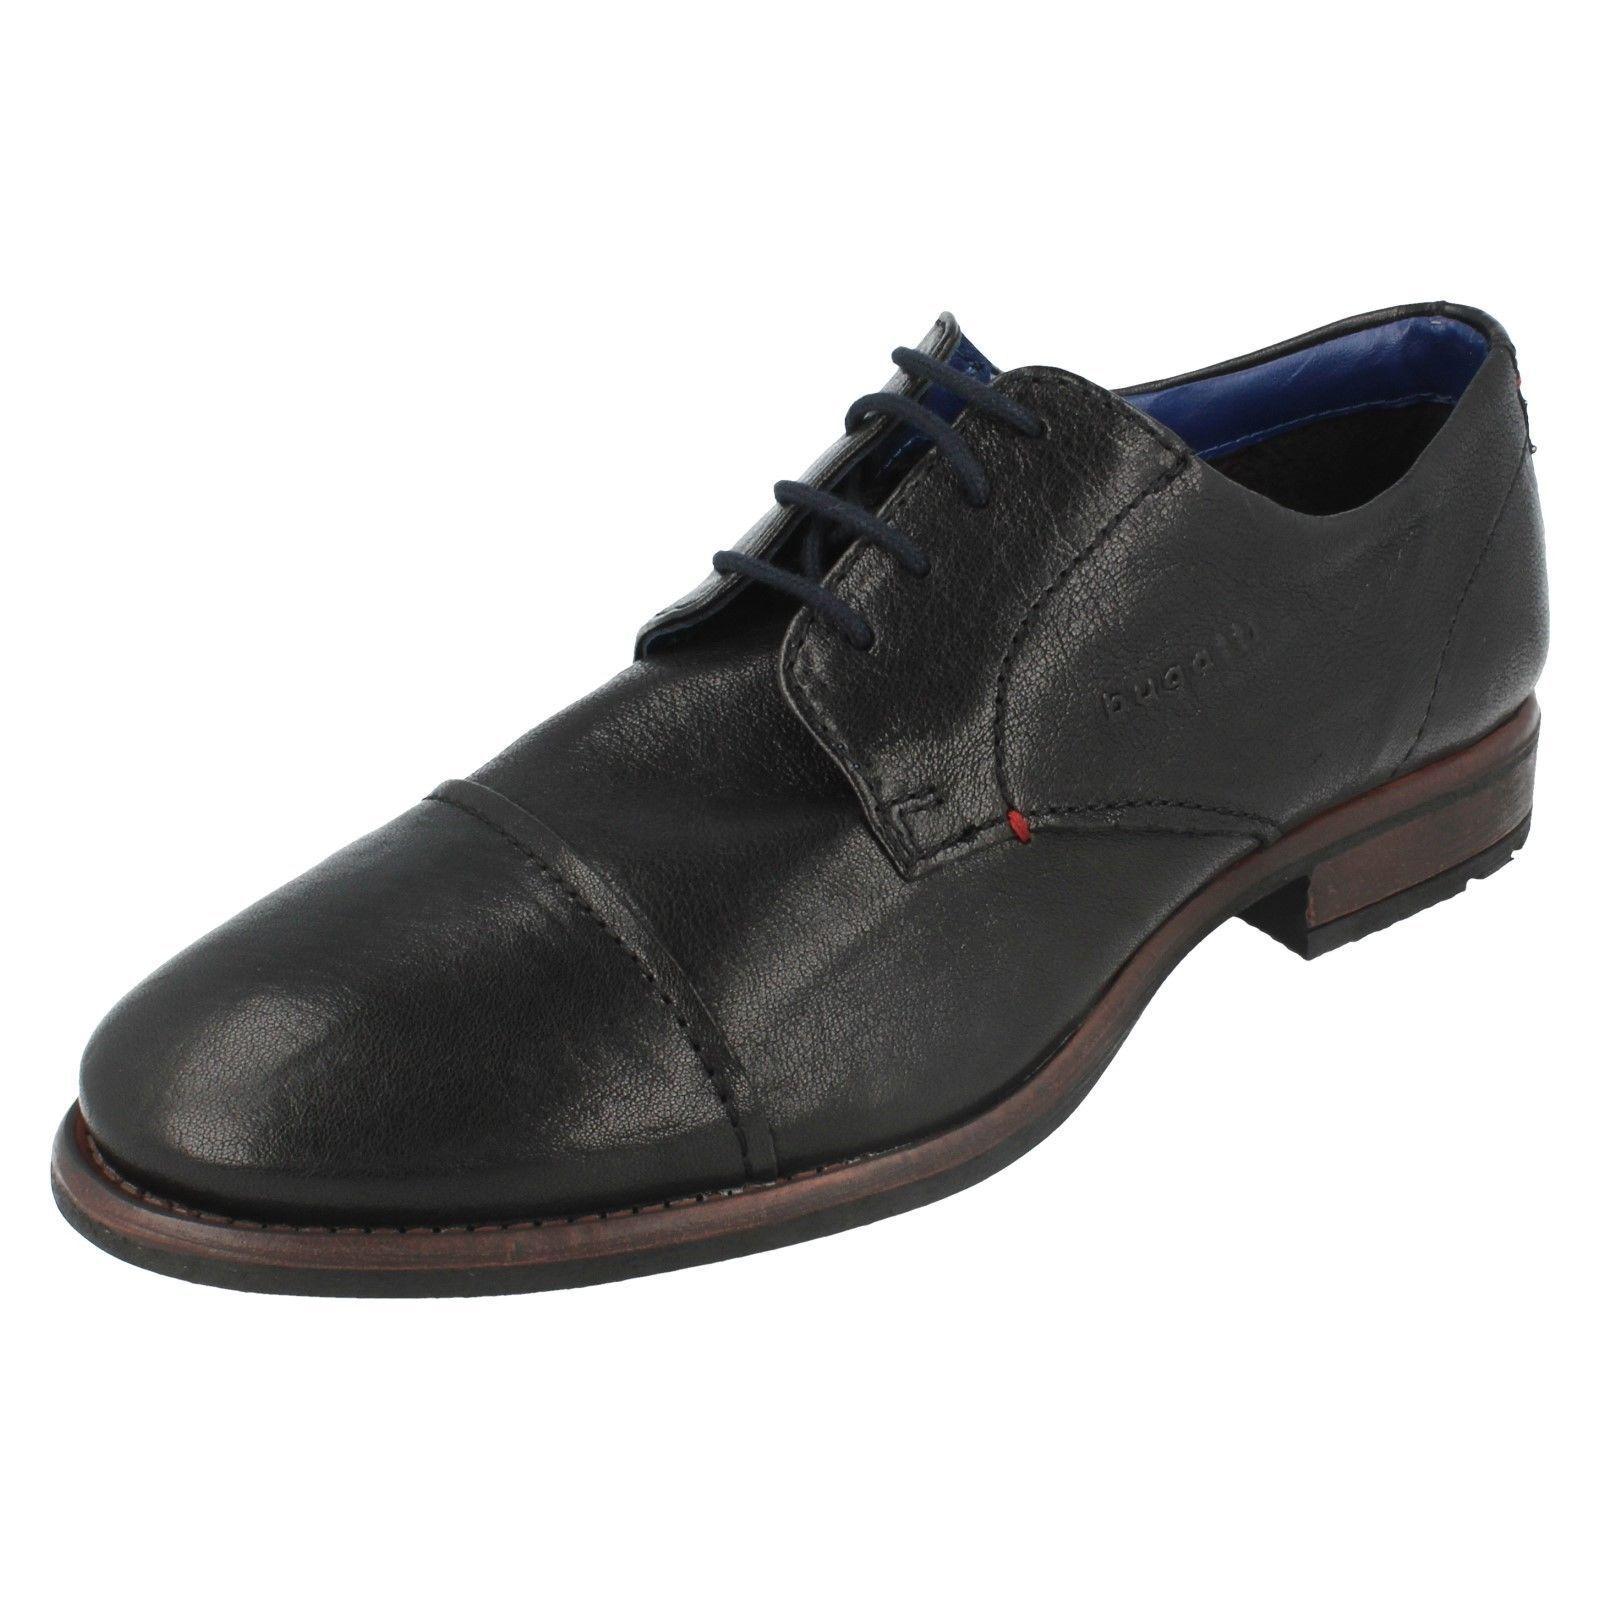 Herren 313-22302-4000 Schwarze Geschnürte Leder Schuhe von Bugatti